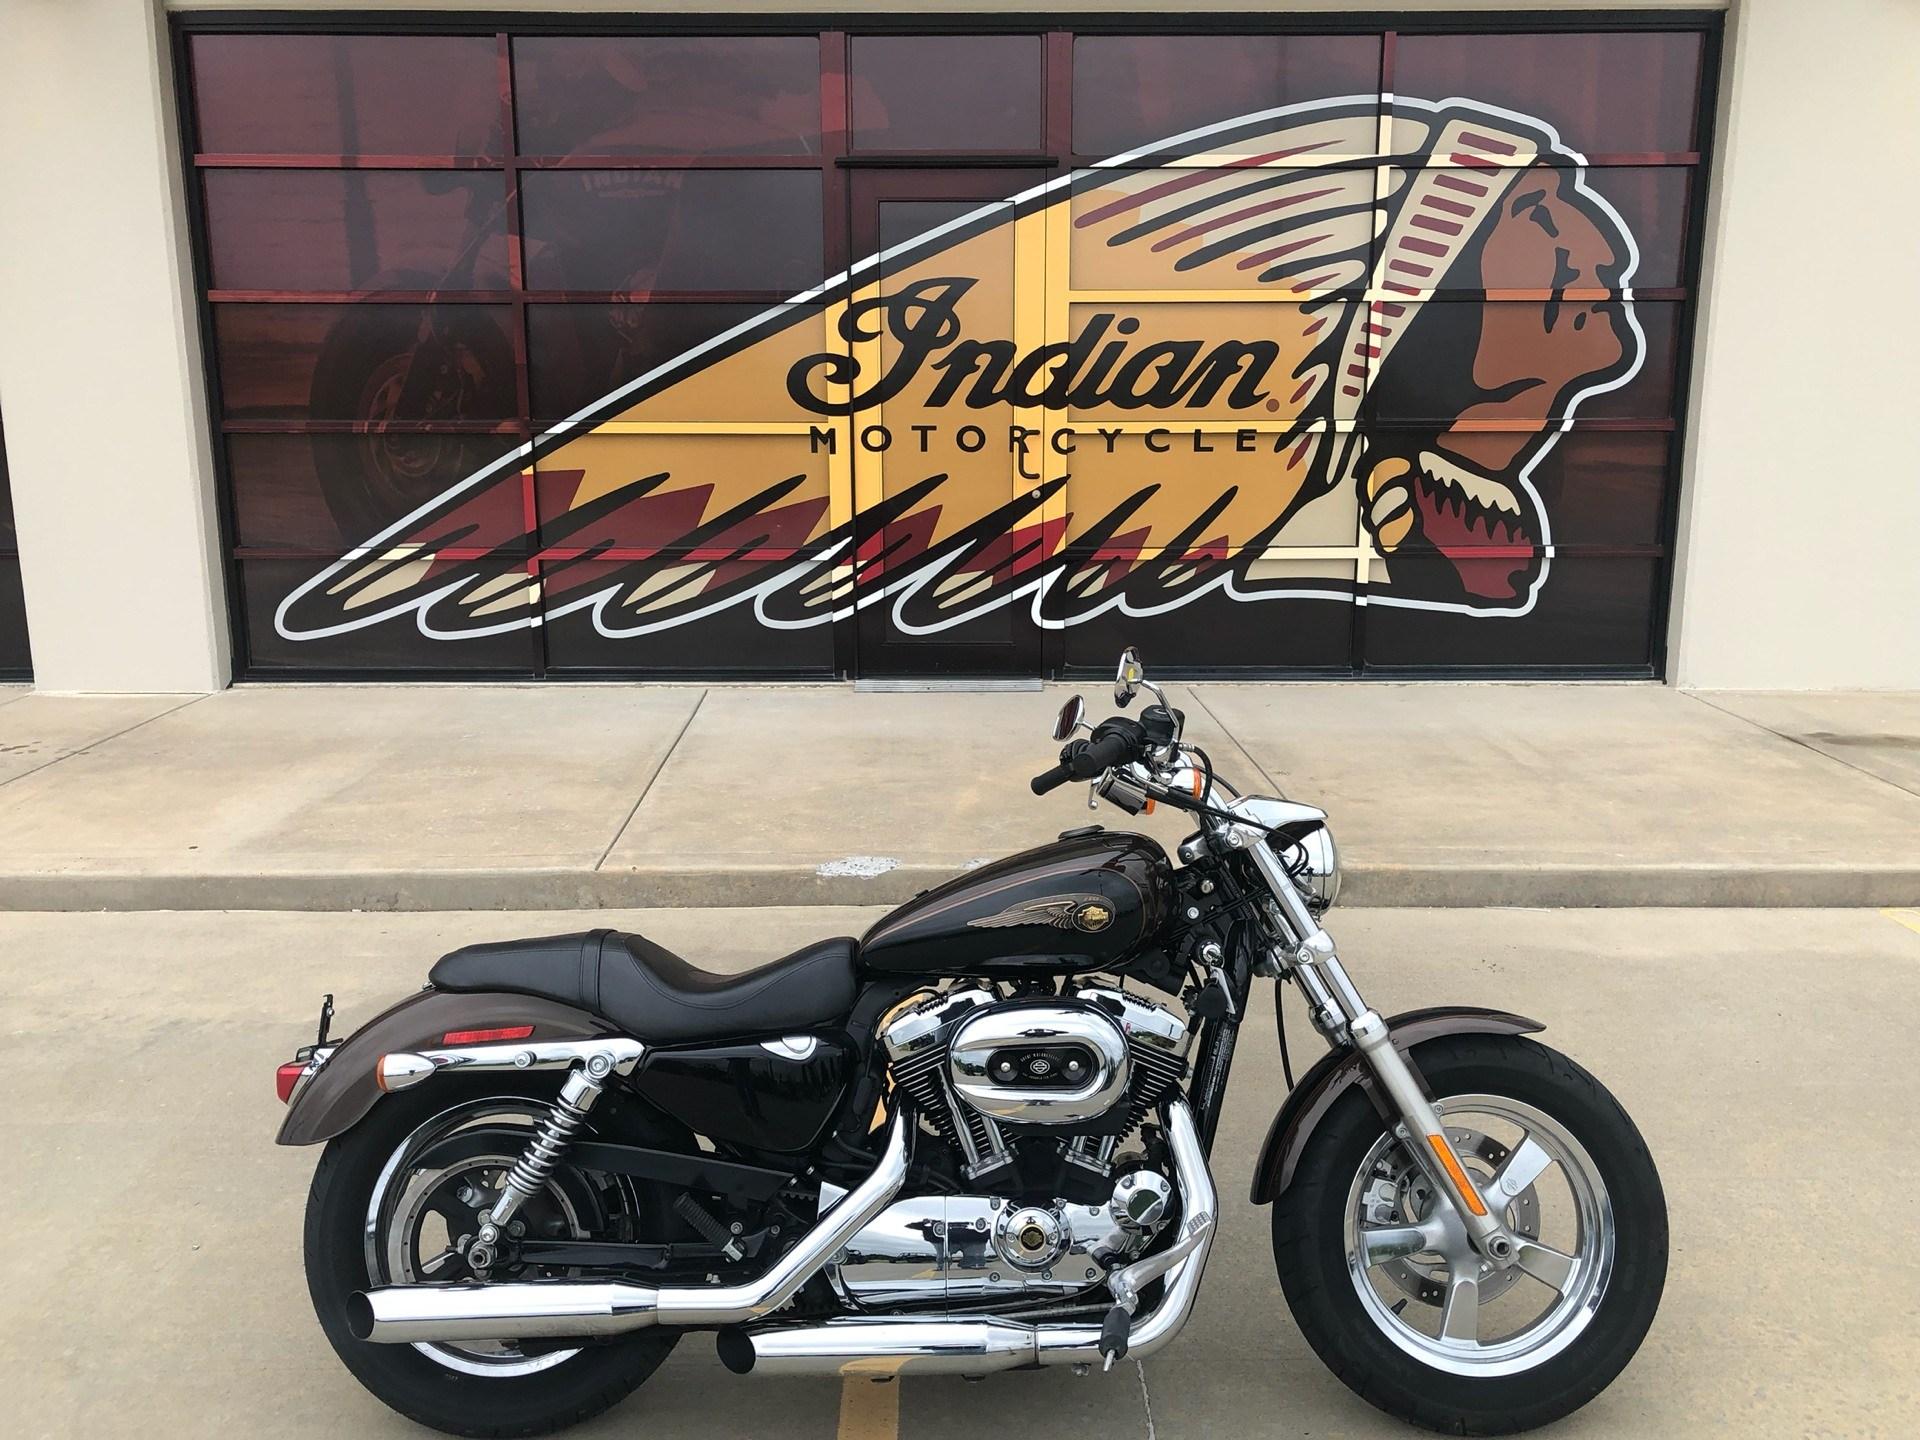 Harley Davidson Sportster 1200 >> 2013 Harley Davidson Sportster 1200 Custom 110th Anniversary